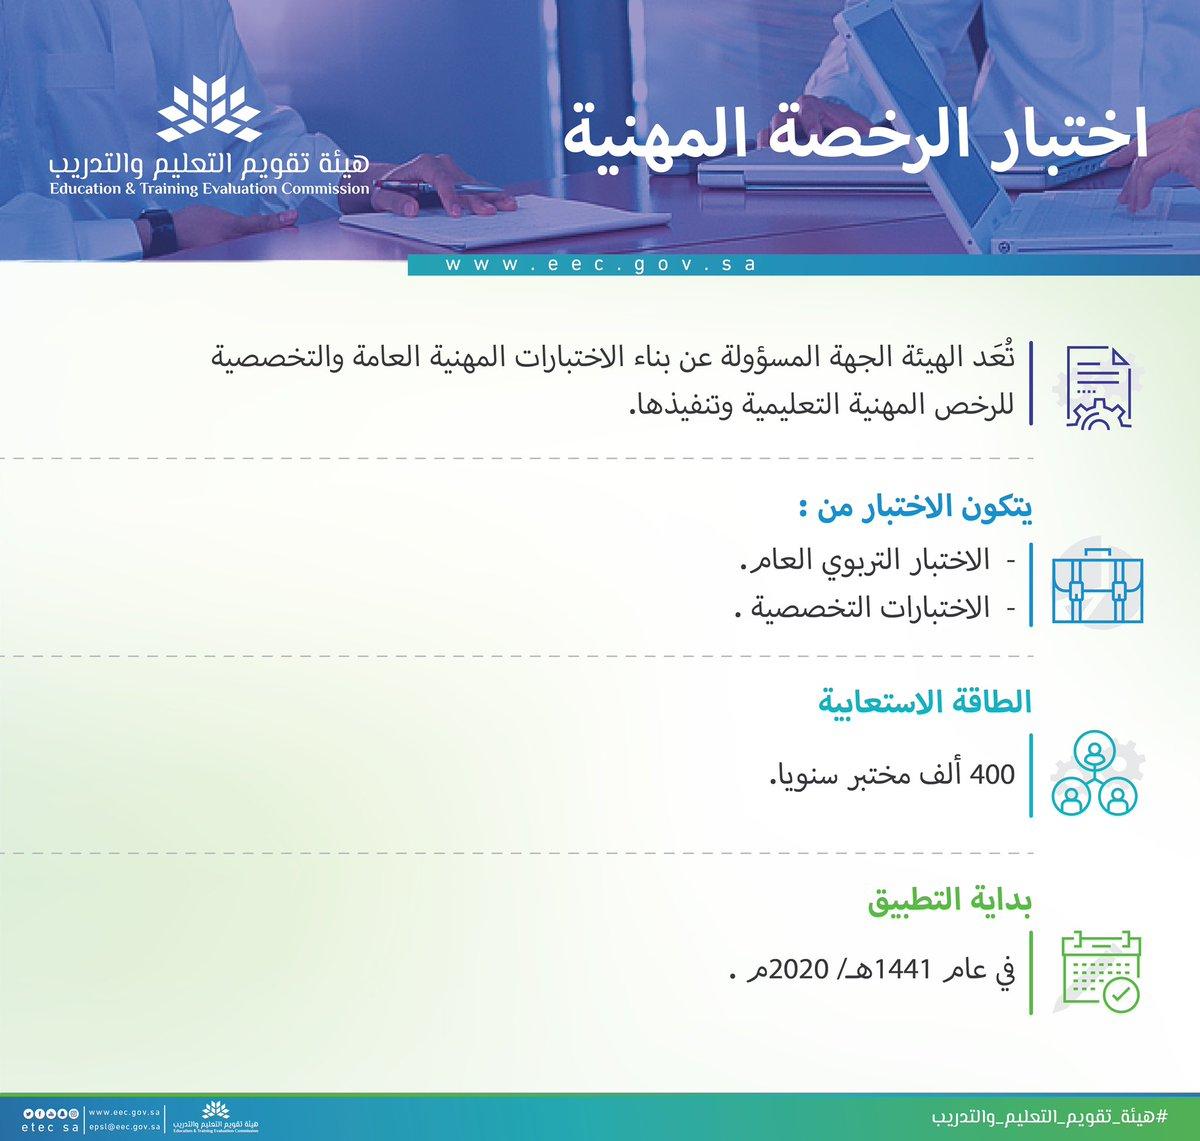 هيئة تقويم التعليم والتدريب on Twitter ...